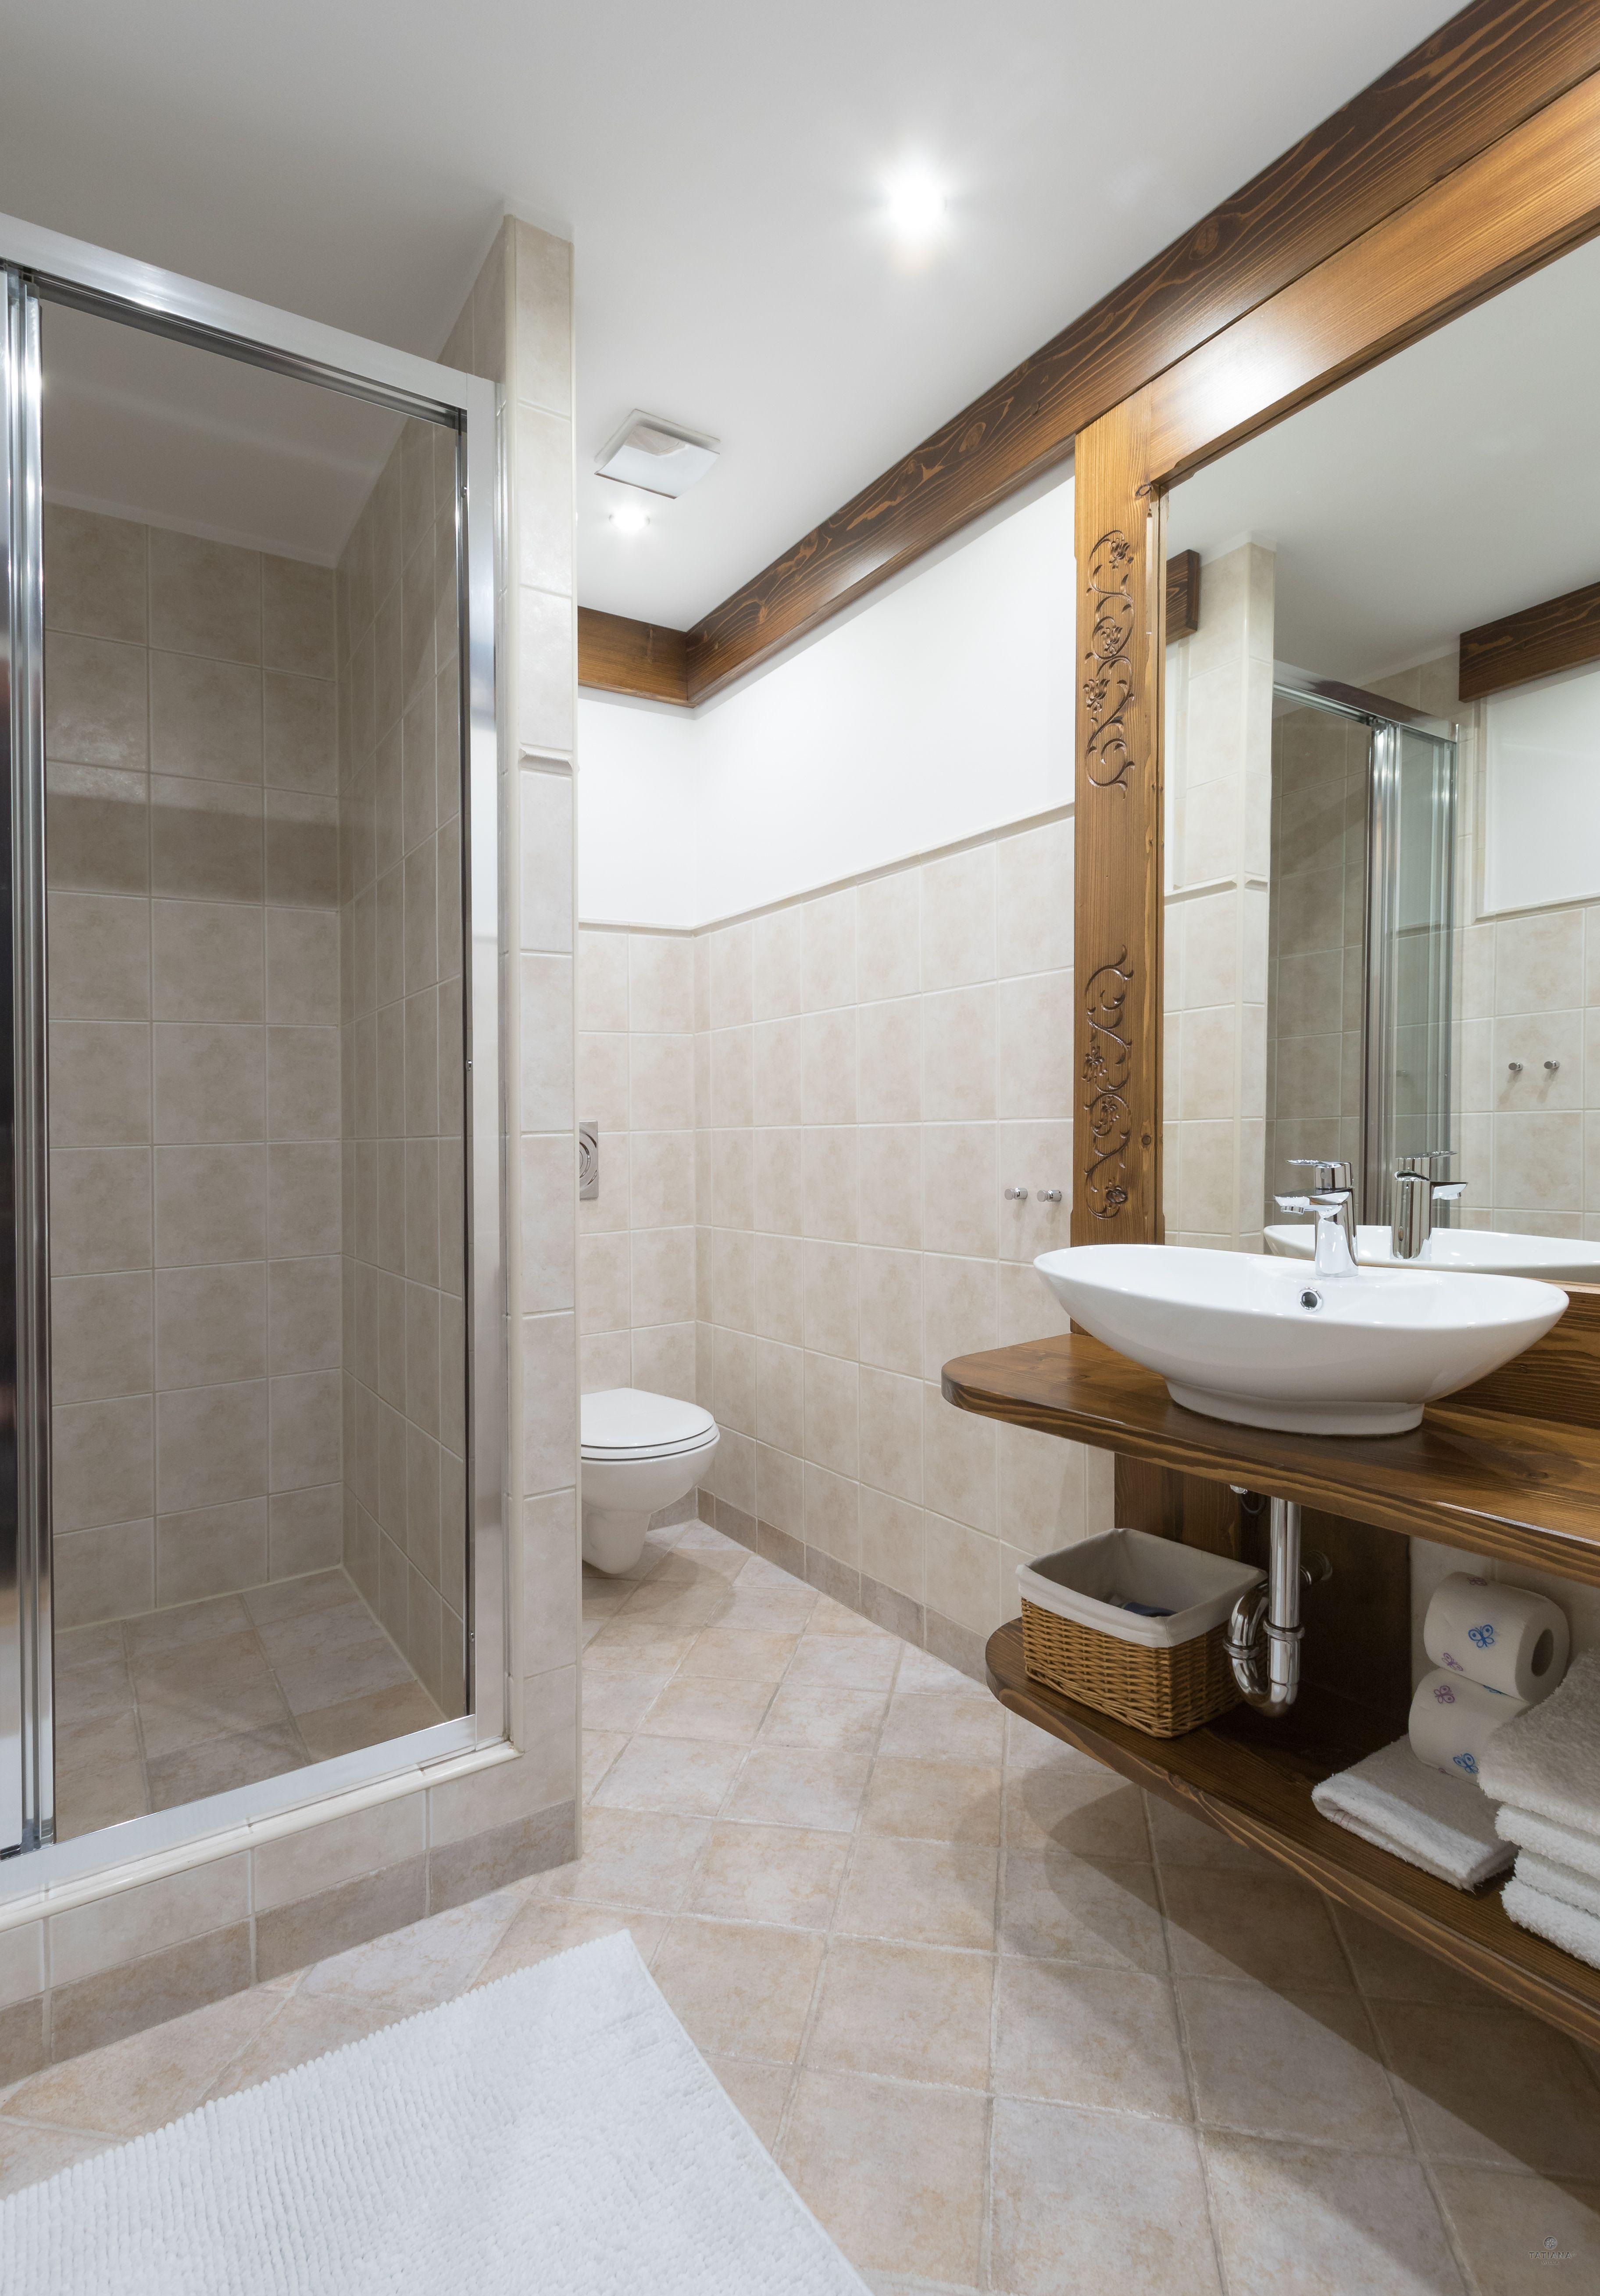 Apartament 7 Tatiana Premium Zakopane łazienka z akcentem drewnianym